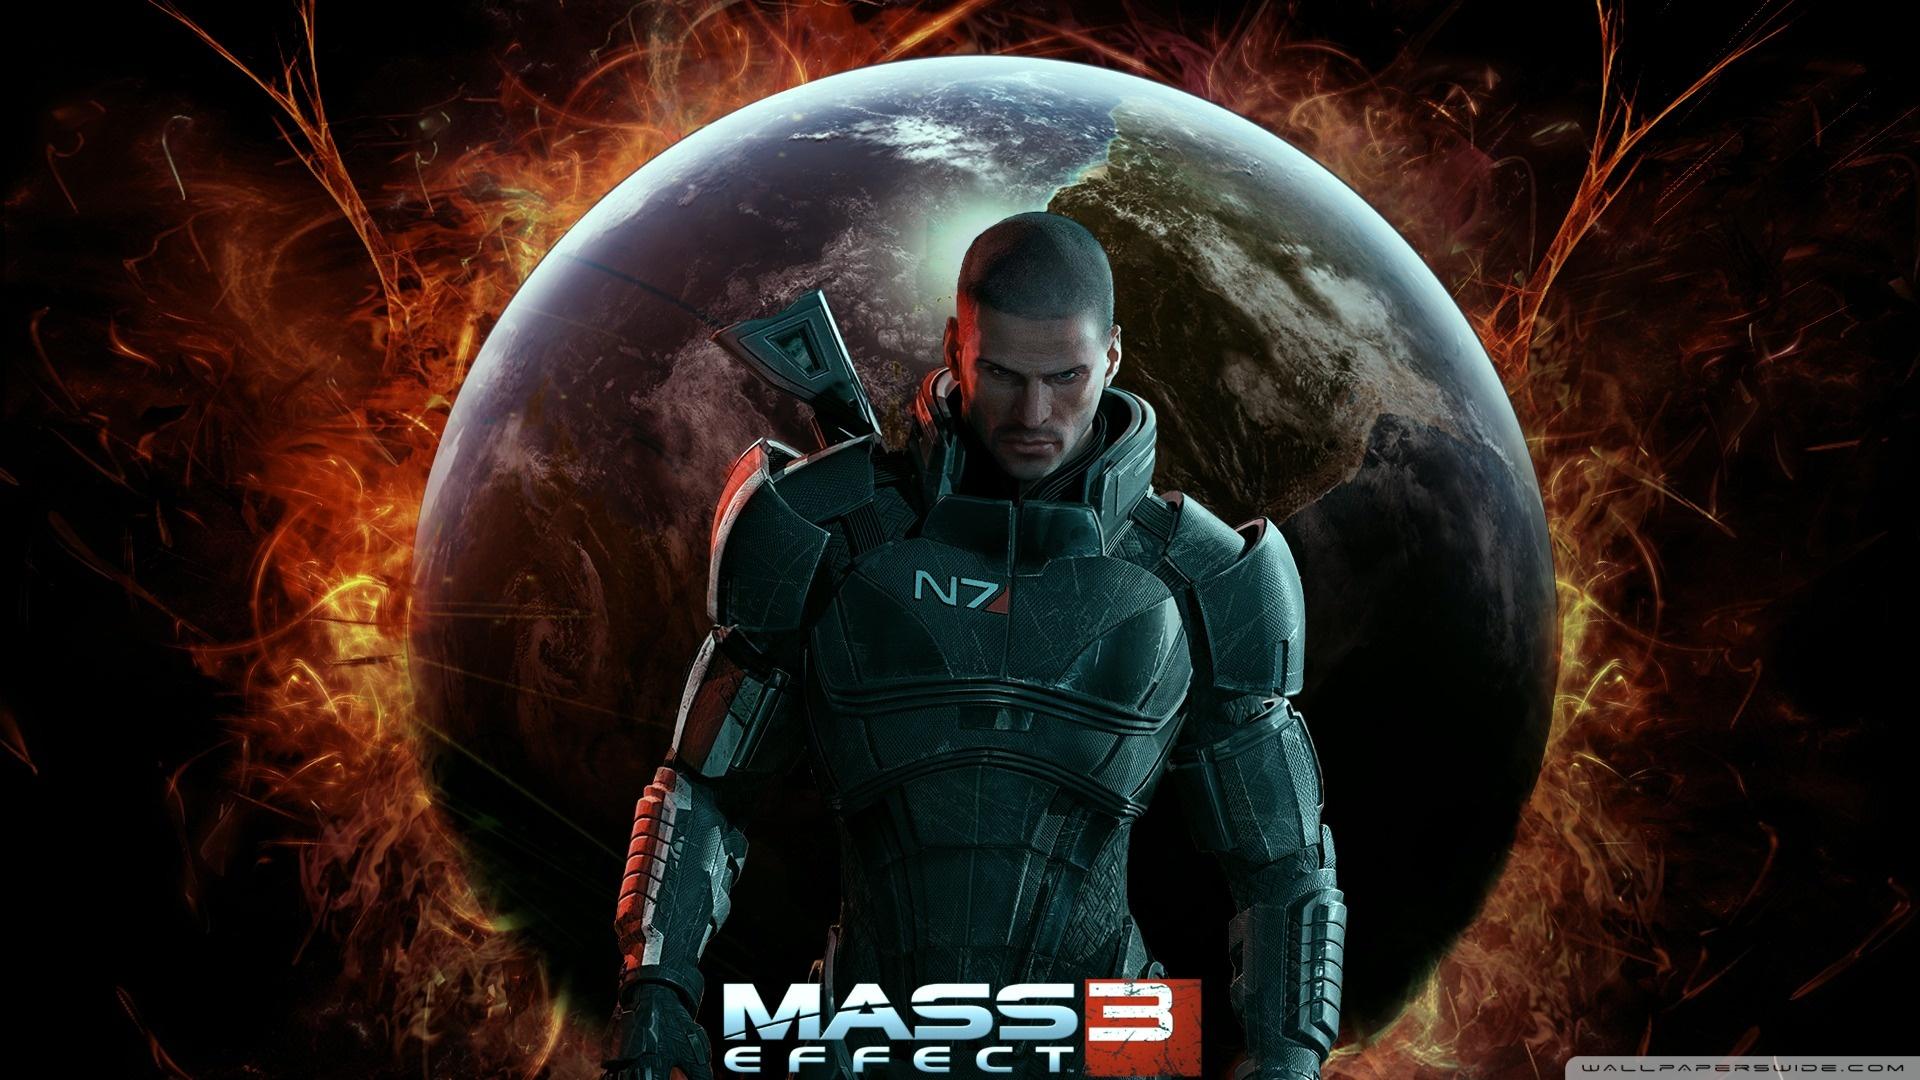 Mass effect 3 Ea Games